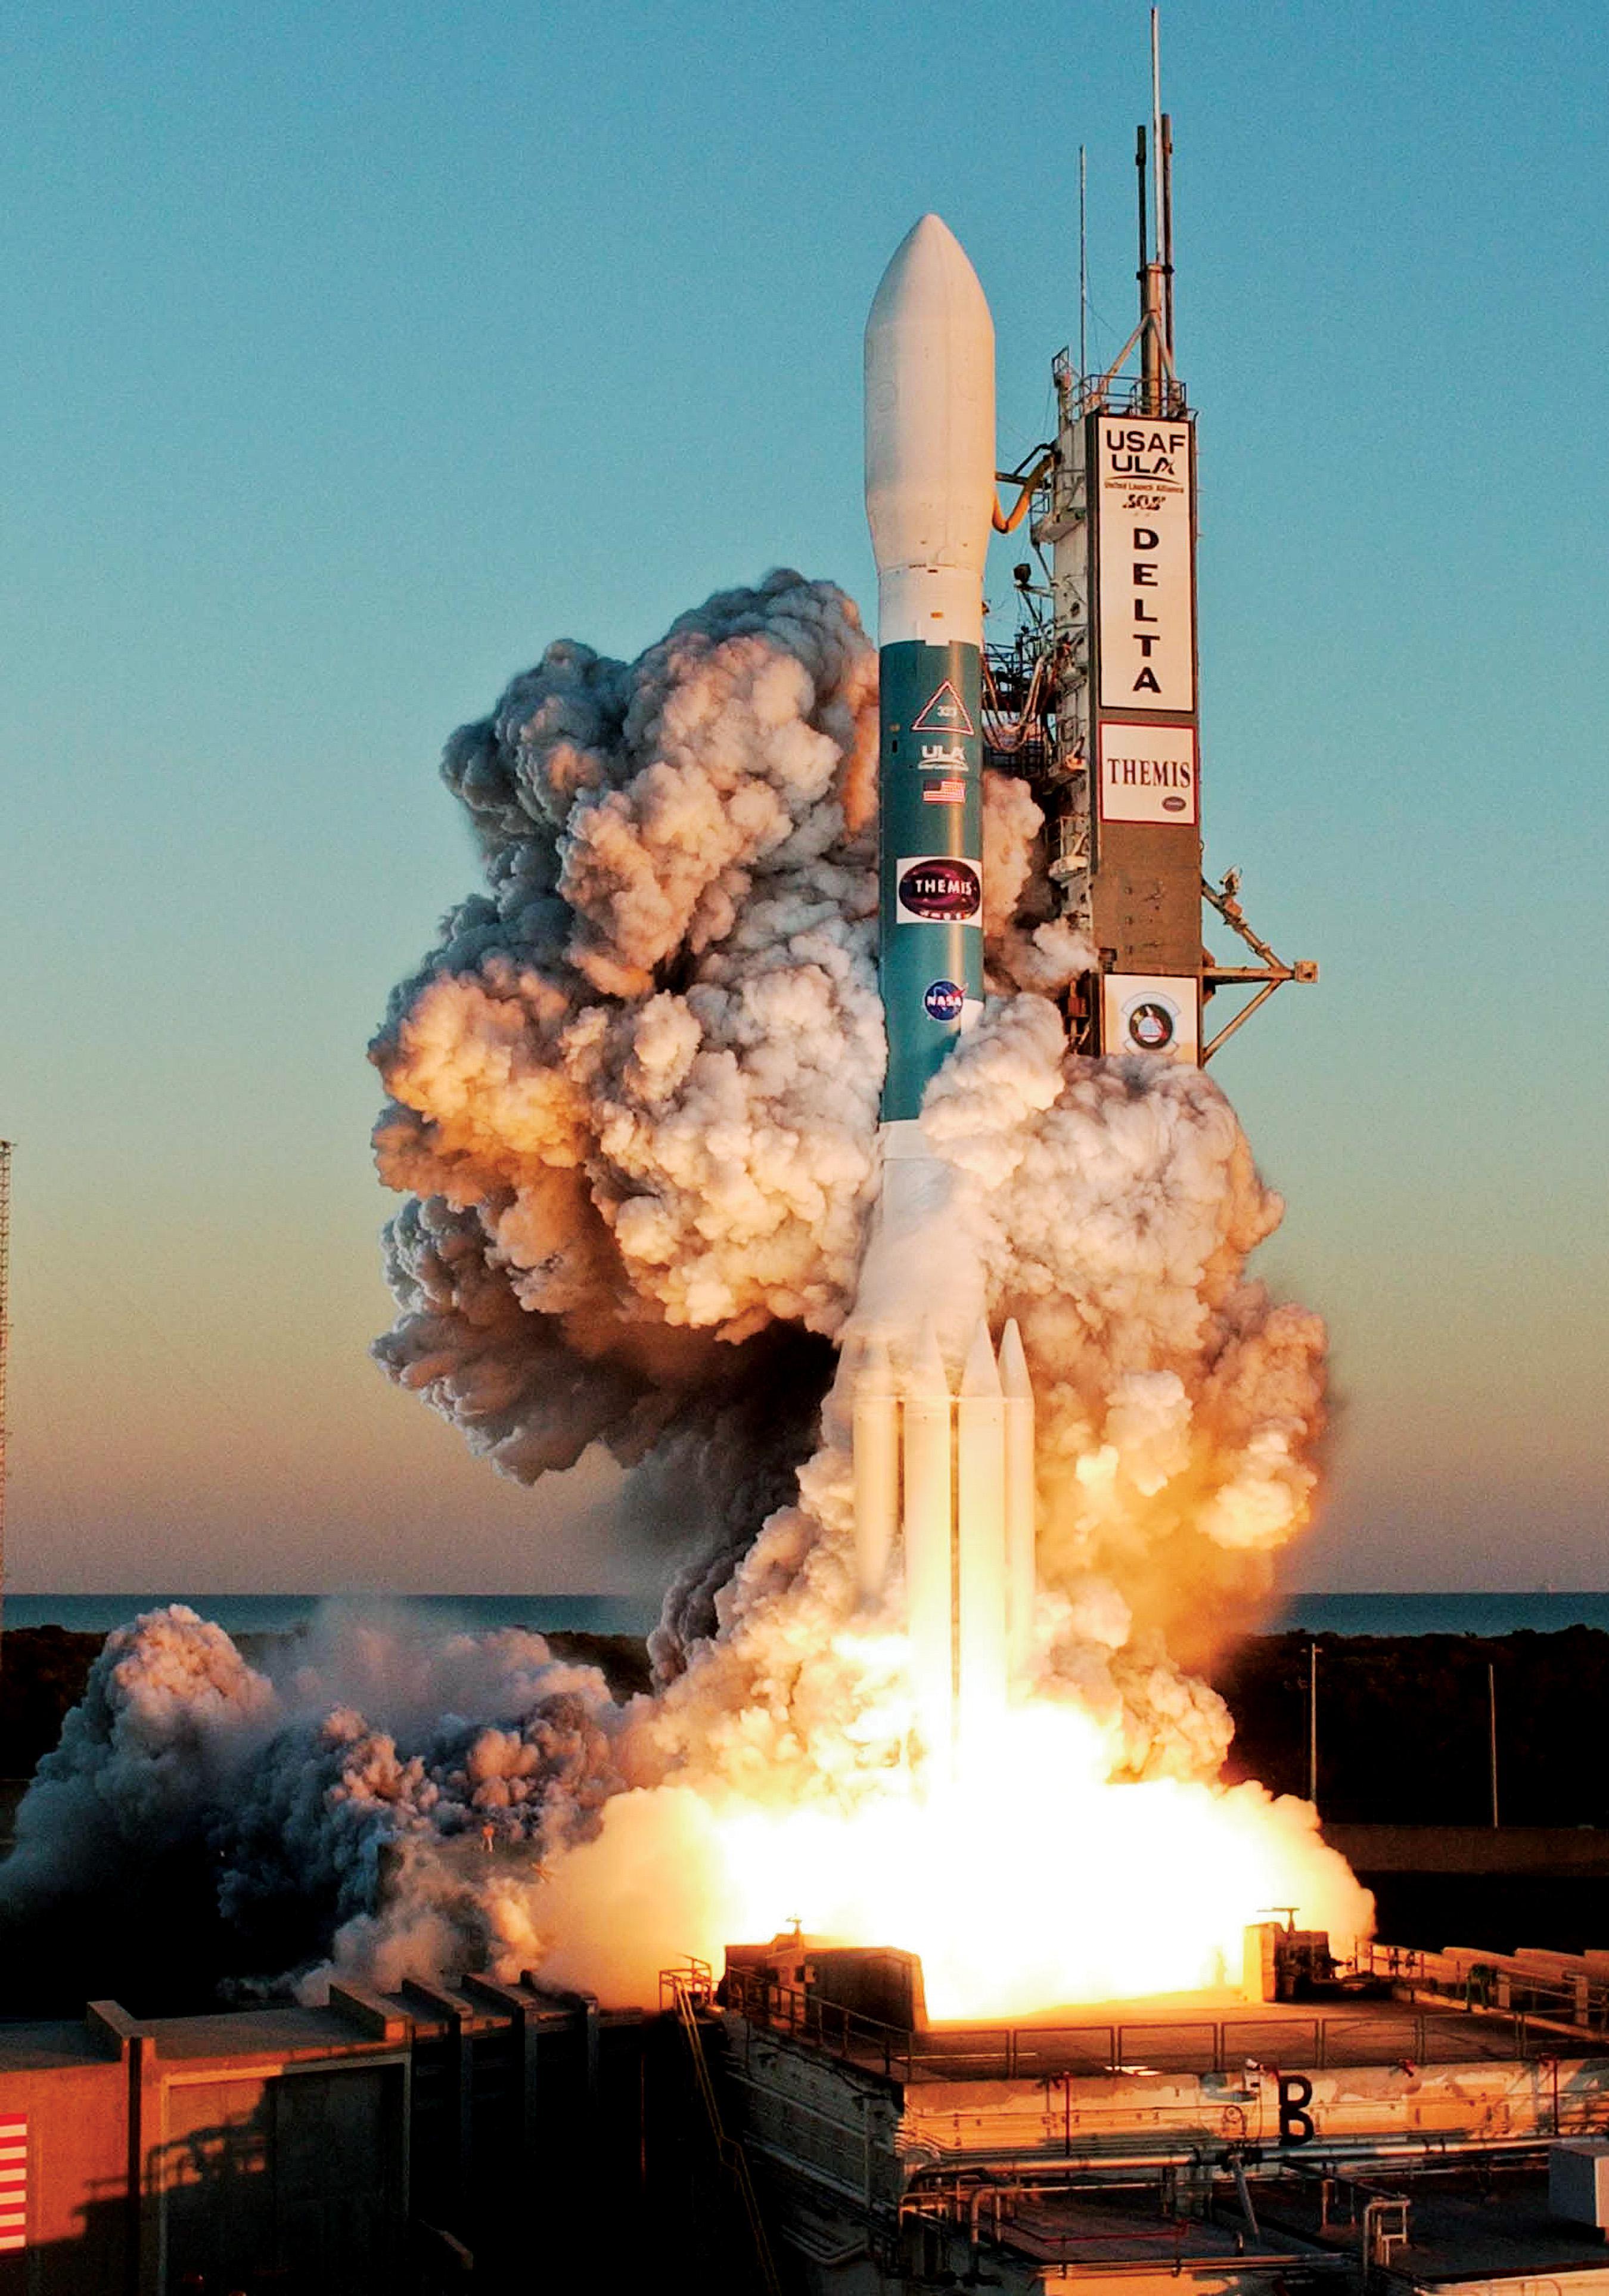 Delta II NASA THEMIS launch 2007 (NASA)